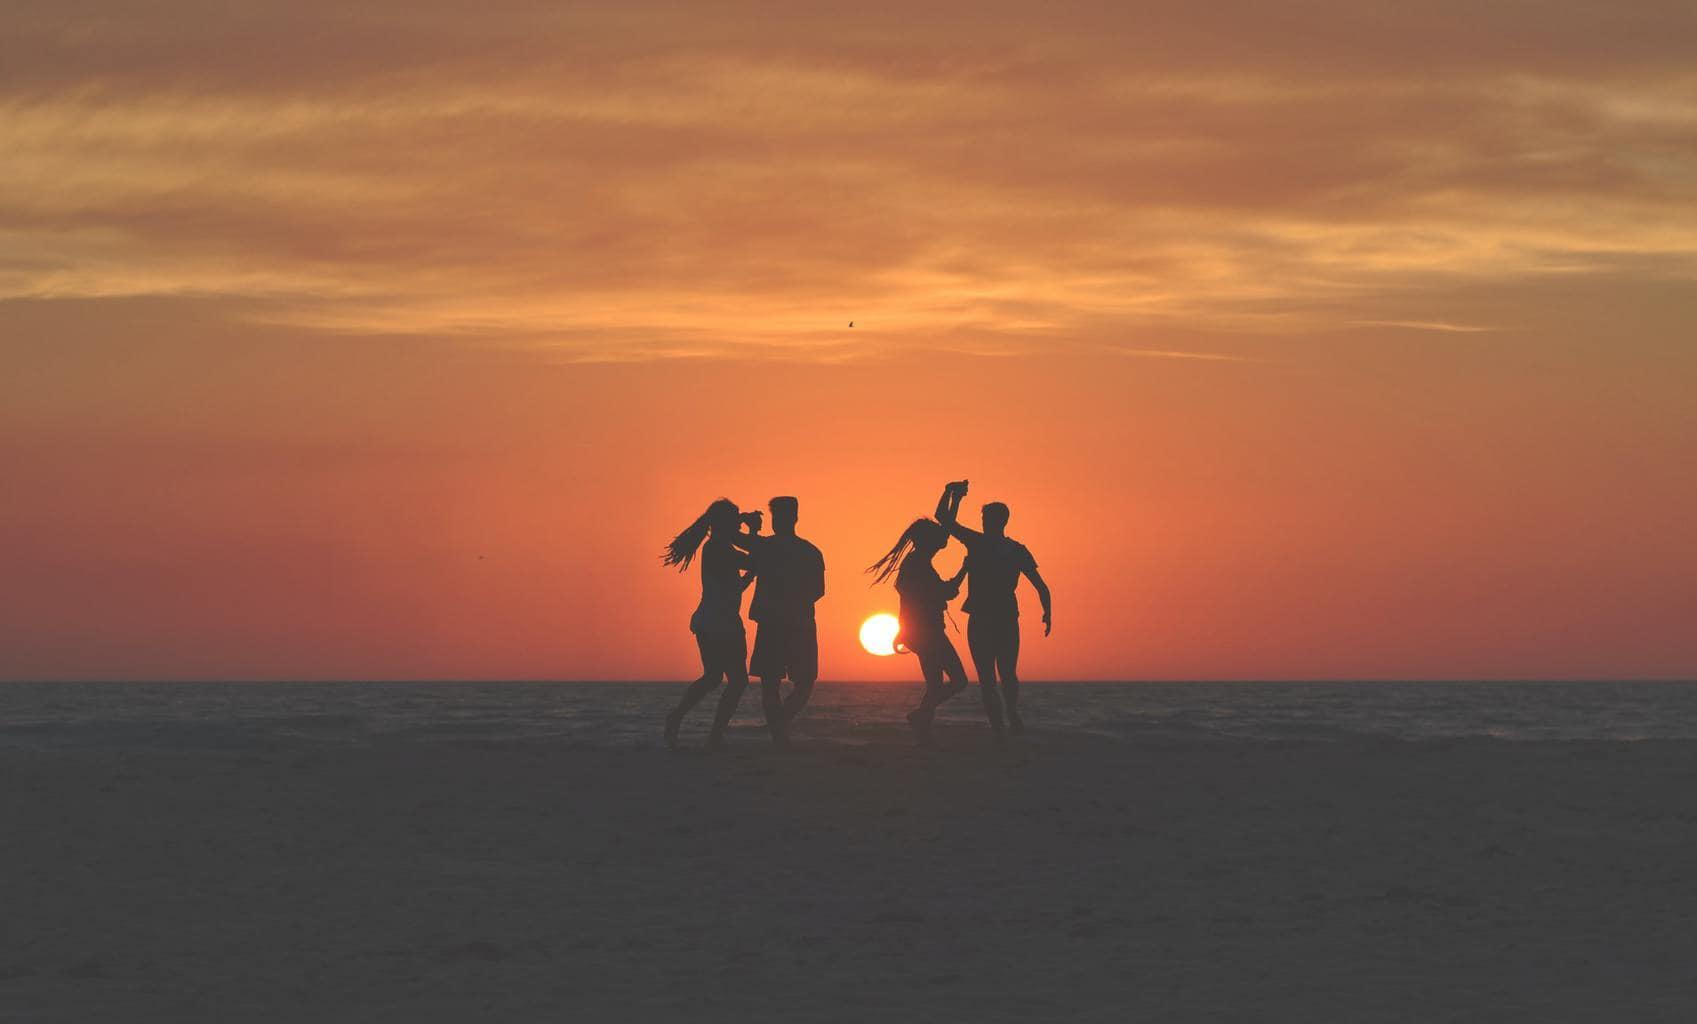 Siluetas bailando en la playa al atardecer para el fotoreto115 de vacaciones